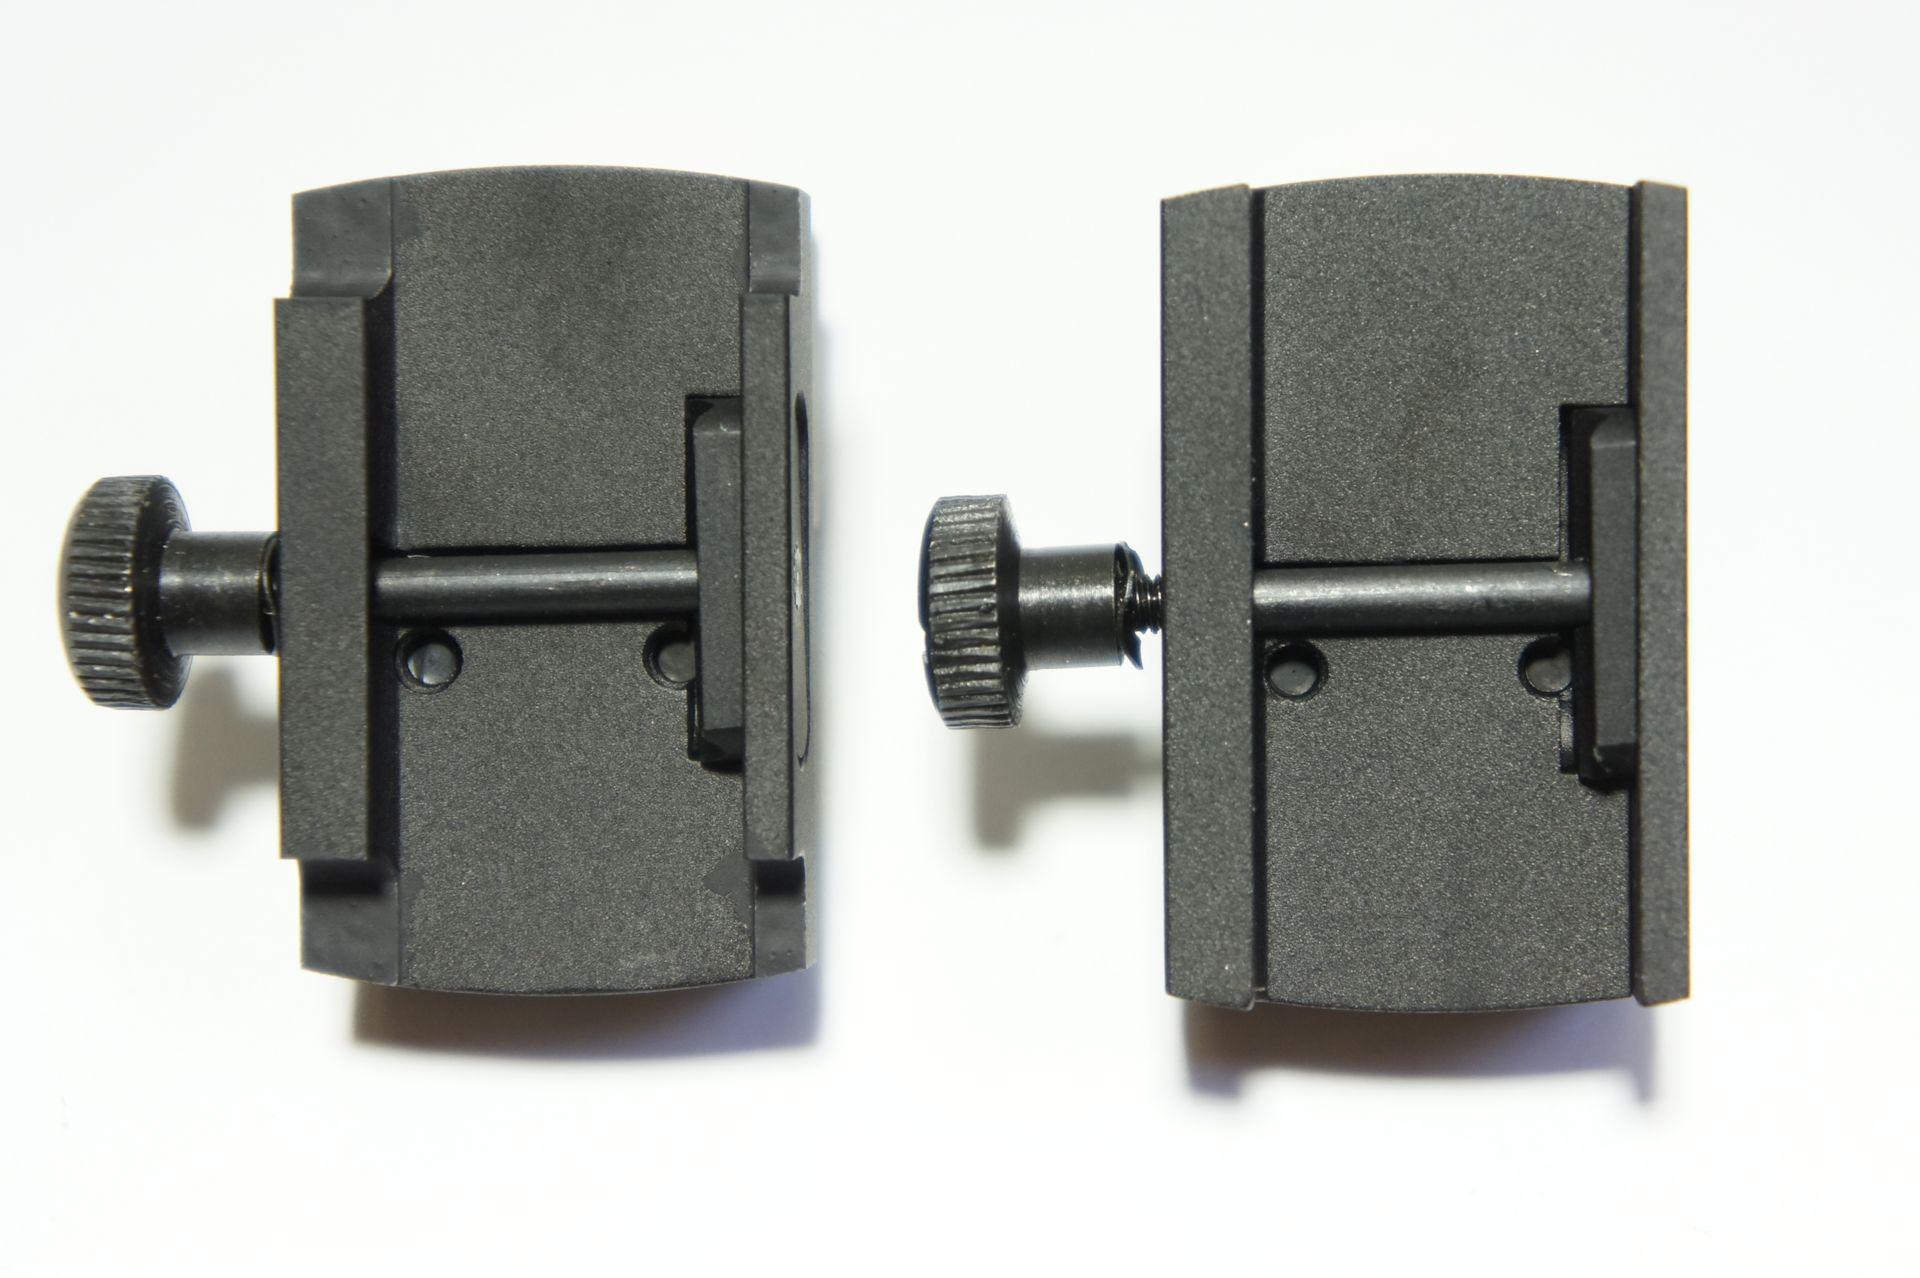 Der an die HW 45 Modelle <a href=1160072-45.htm> Target </a>und <a href=1160070-45.htm> Trophy</a> angepasste Motagefuß ist links im Bild. Rechts ist vergleichsweise der standardmäßige Fuß zu sehen.